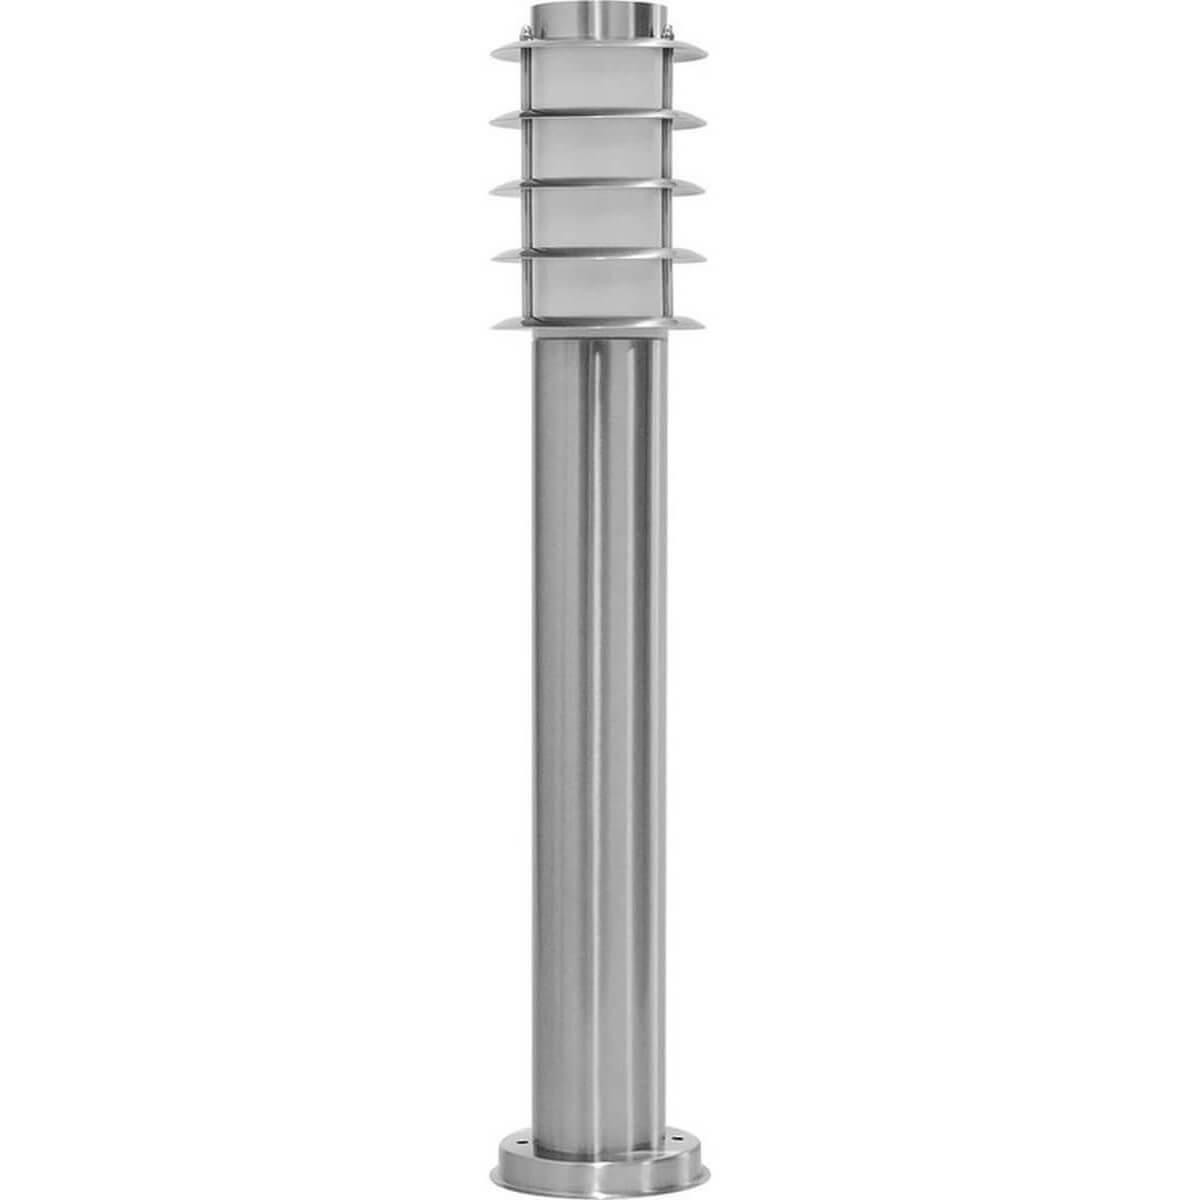 Фото - Светильник Feron 11816 feron уличный наземный светильник dh027 650 11816